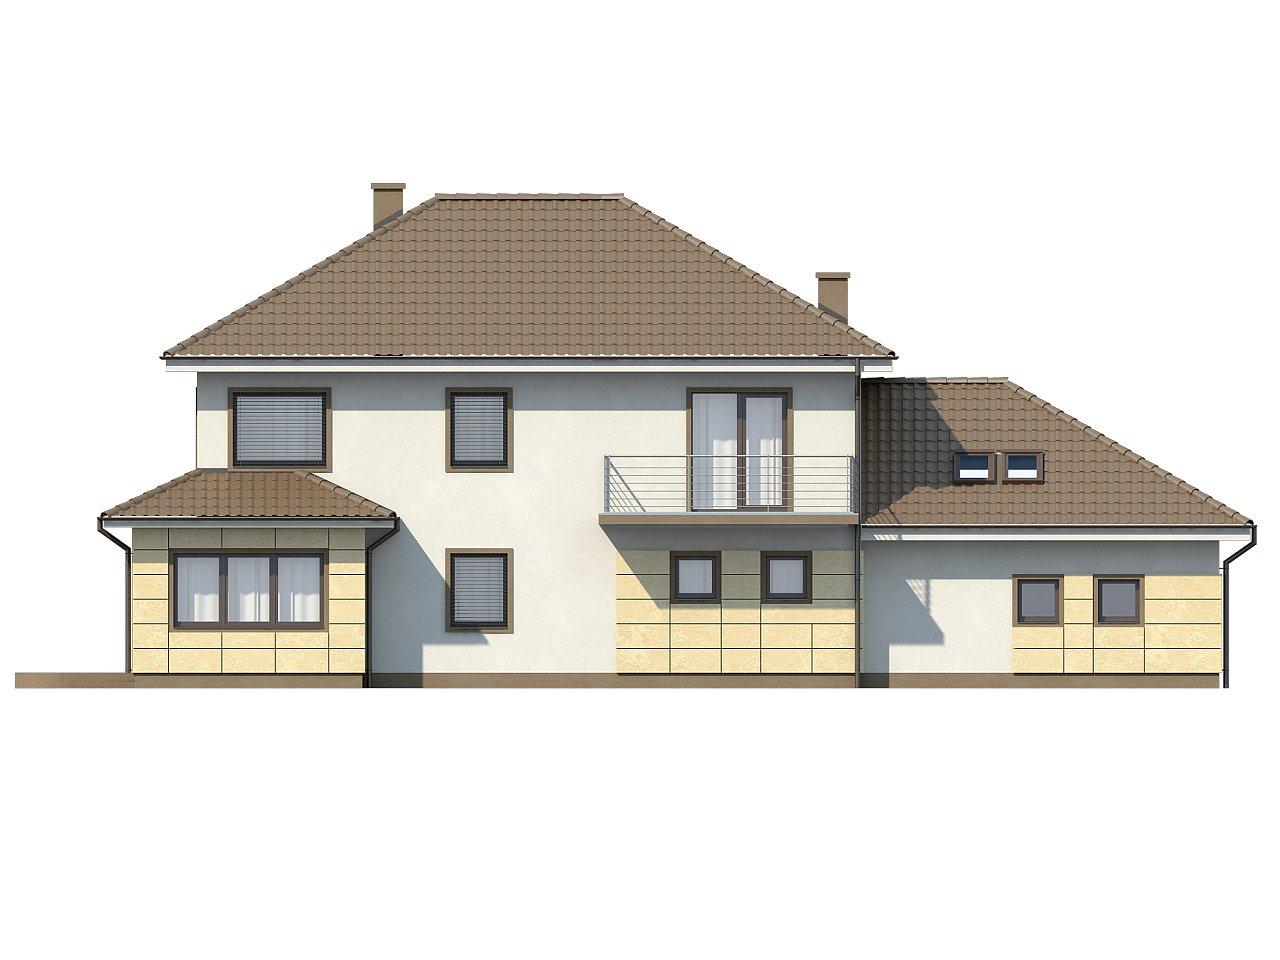 Просторный и функциональный двухэтажный дом с многоскатной кровлей и гаражом. - фото 4